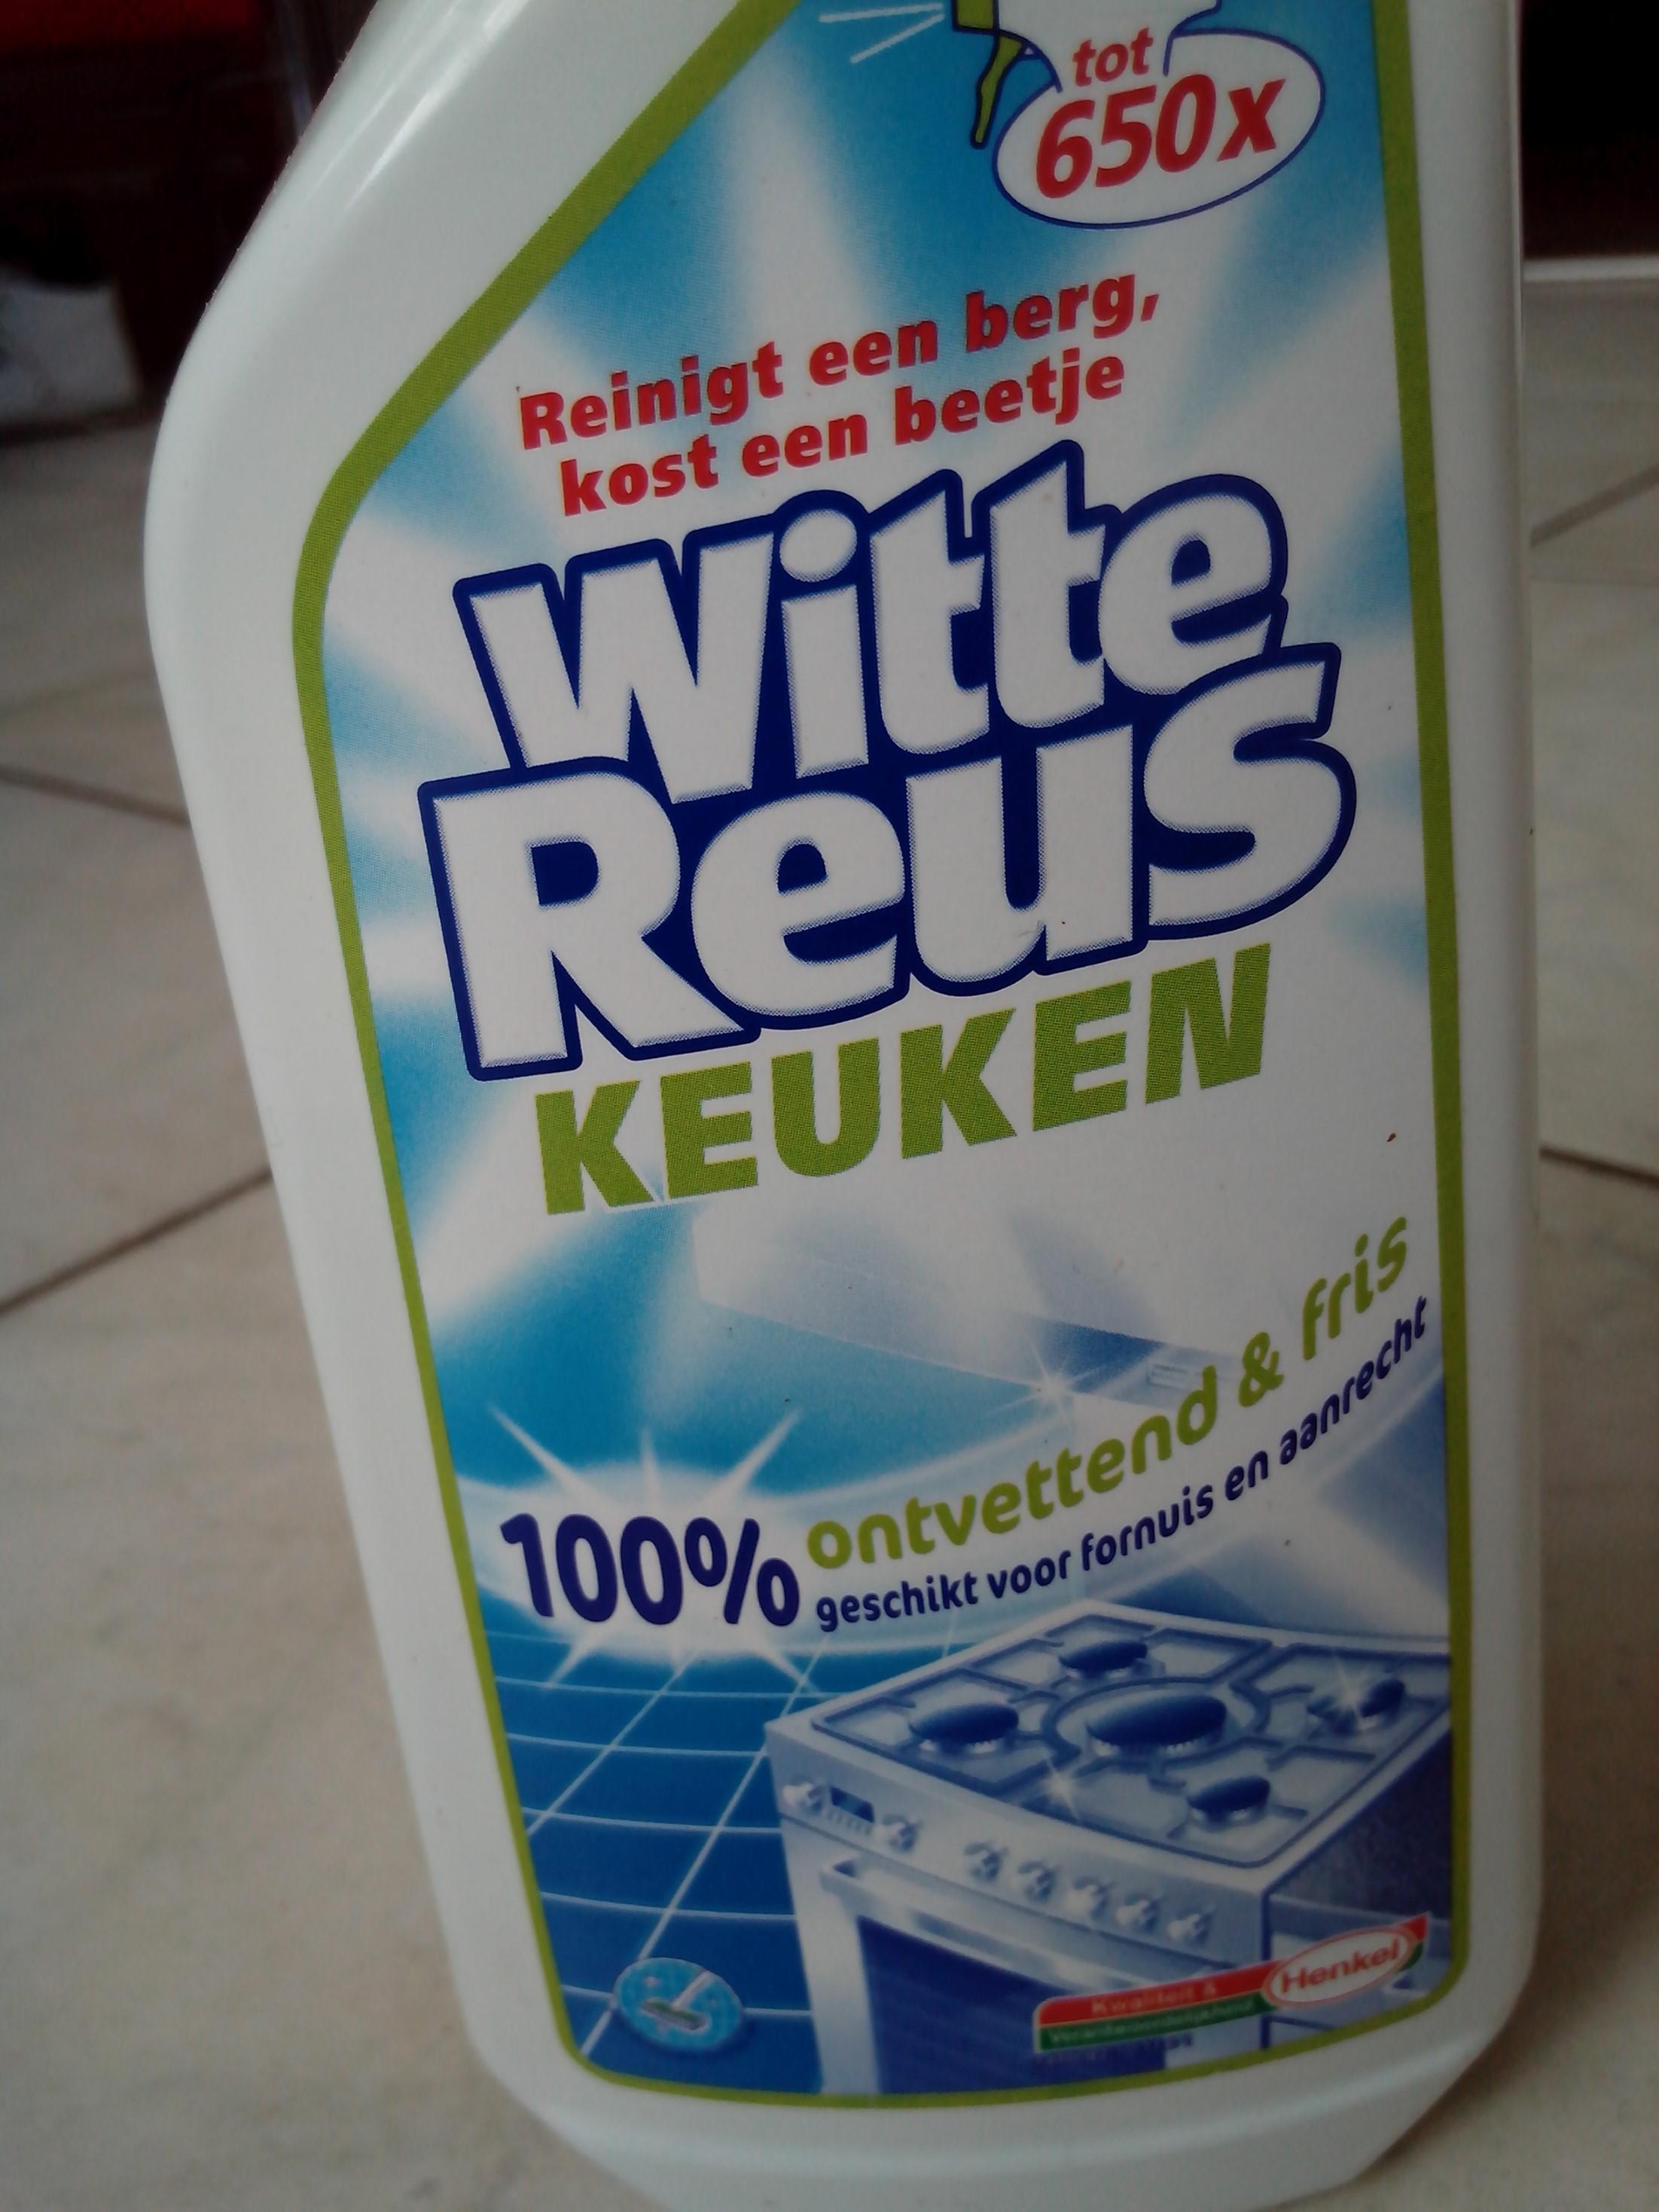 Keuken schoonmaken: vet verwijderen van de afzuigkap